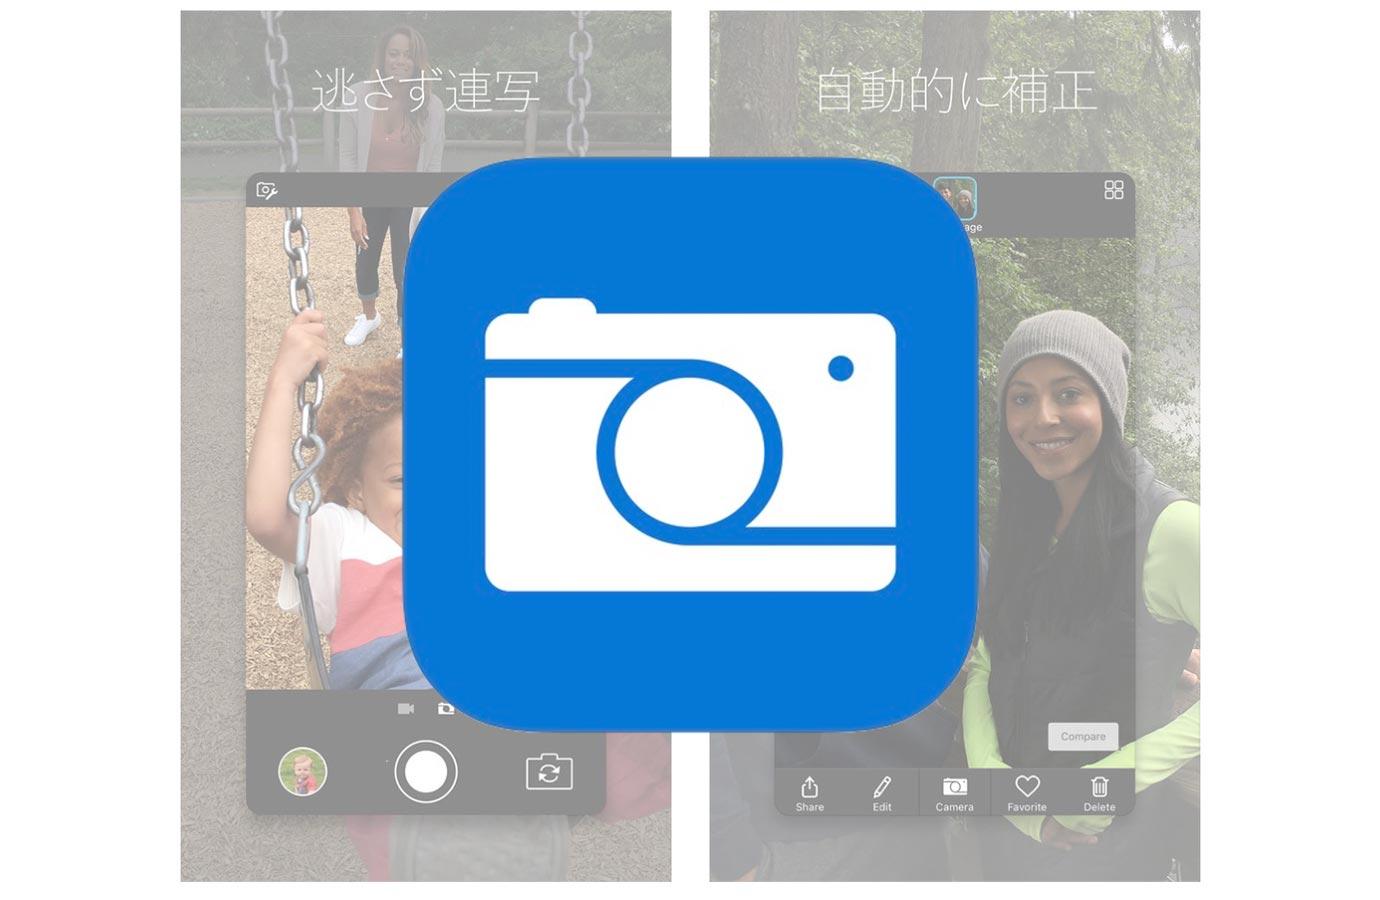 Microsoft、黒板を認識してスキャンができるようになったiOSアプリ「Microsoft Pix カメラ 1.1.4」リリース